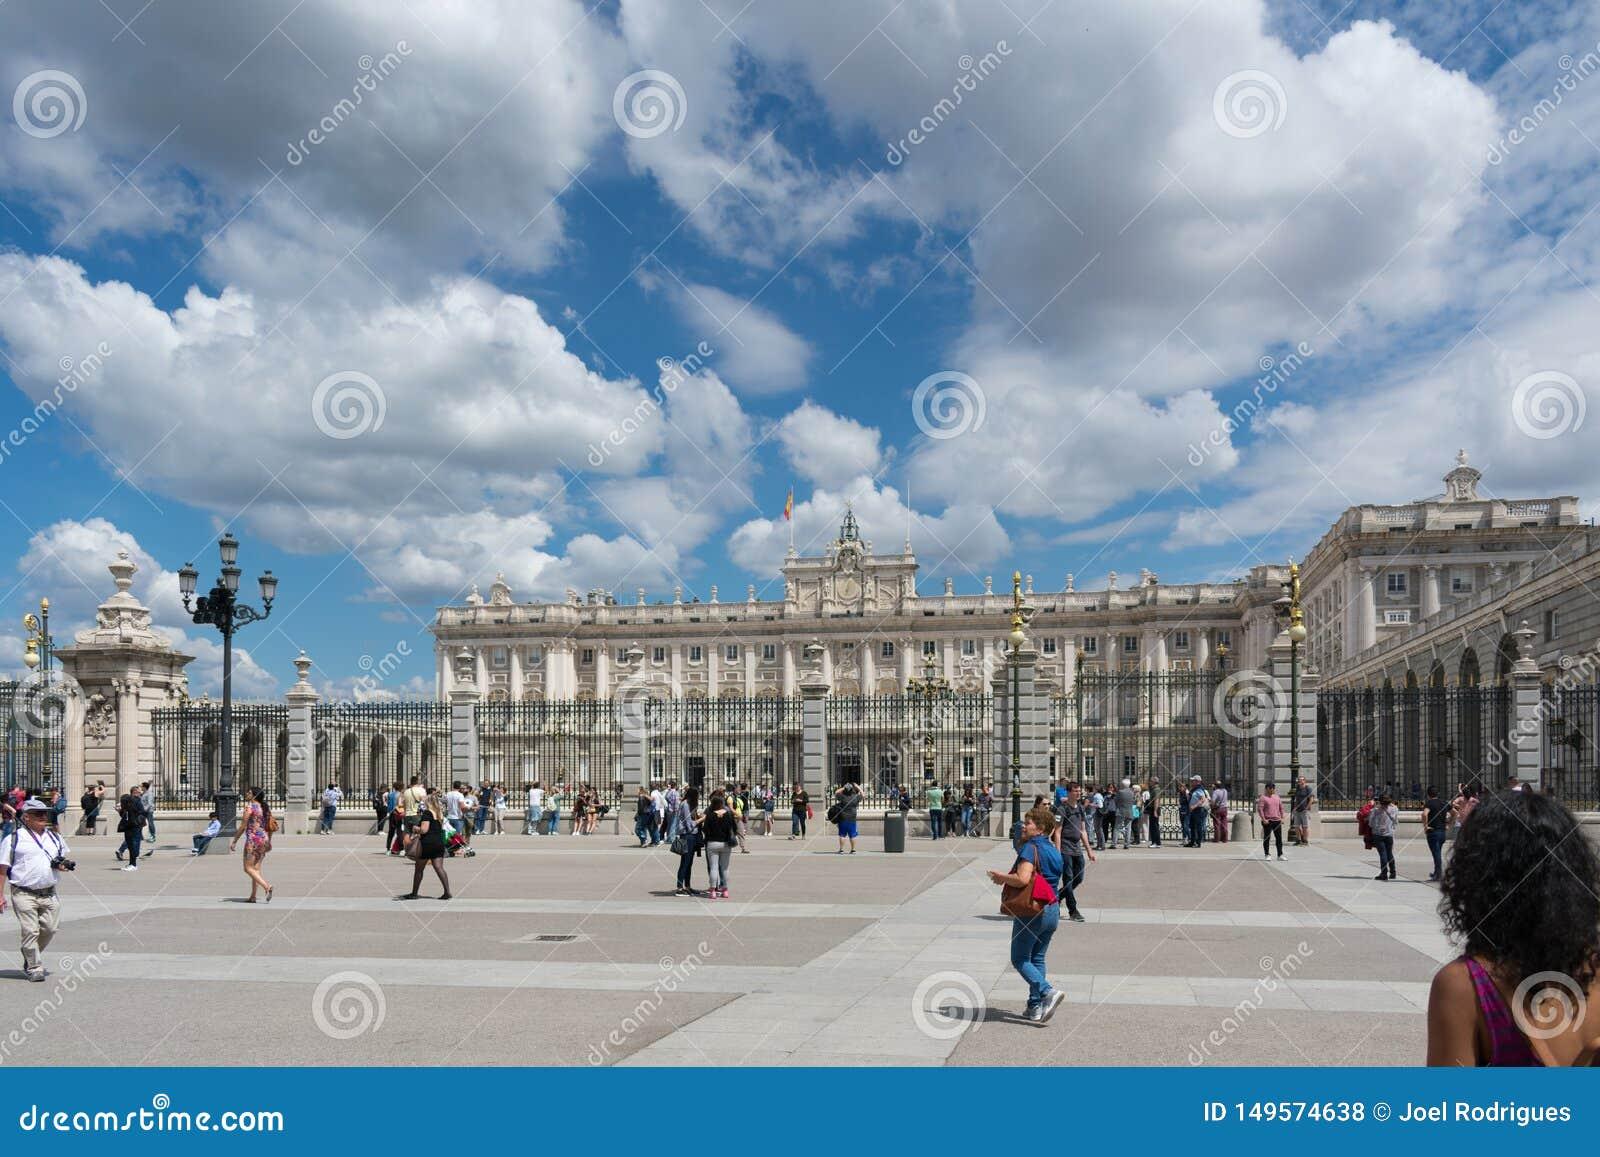 Madrid, Espa?a - 11 de mayo de 2018: Muchedumbre delante del palacio real en Madrid el d?a soleado